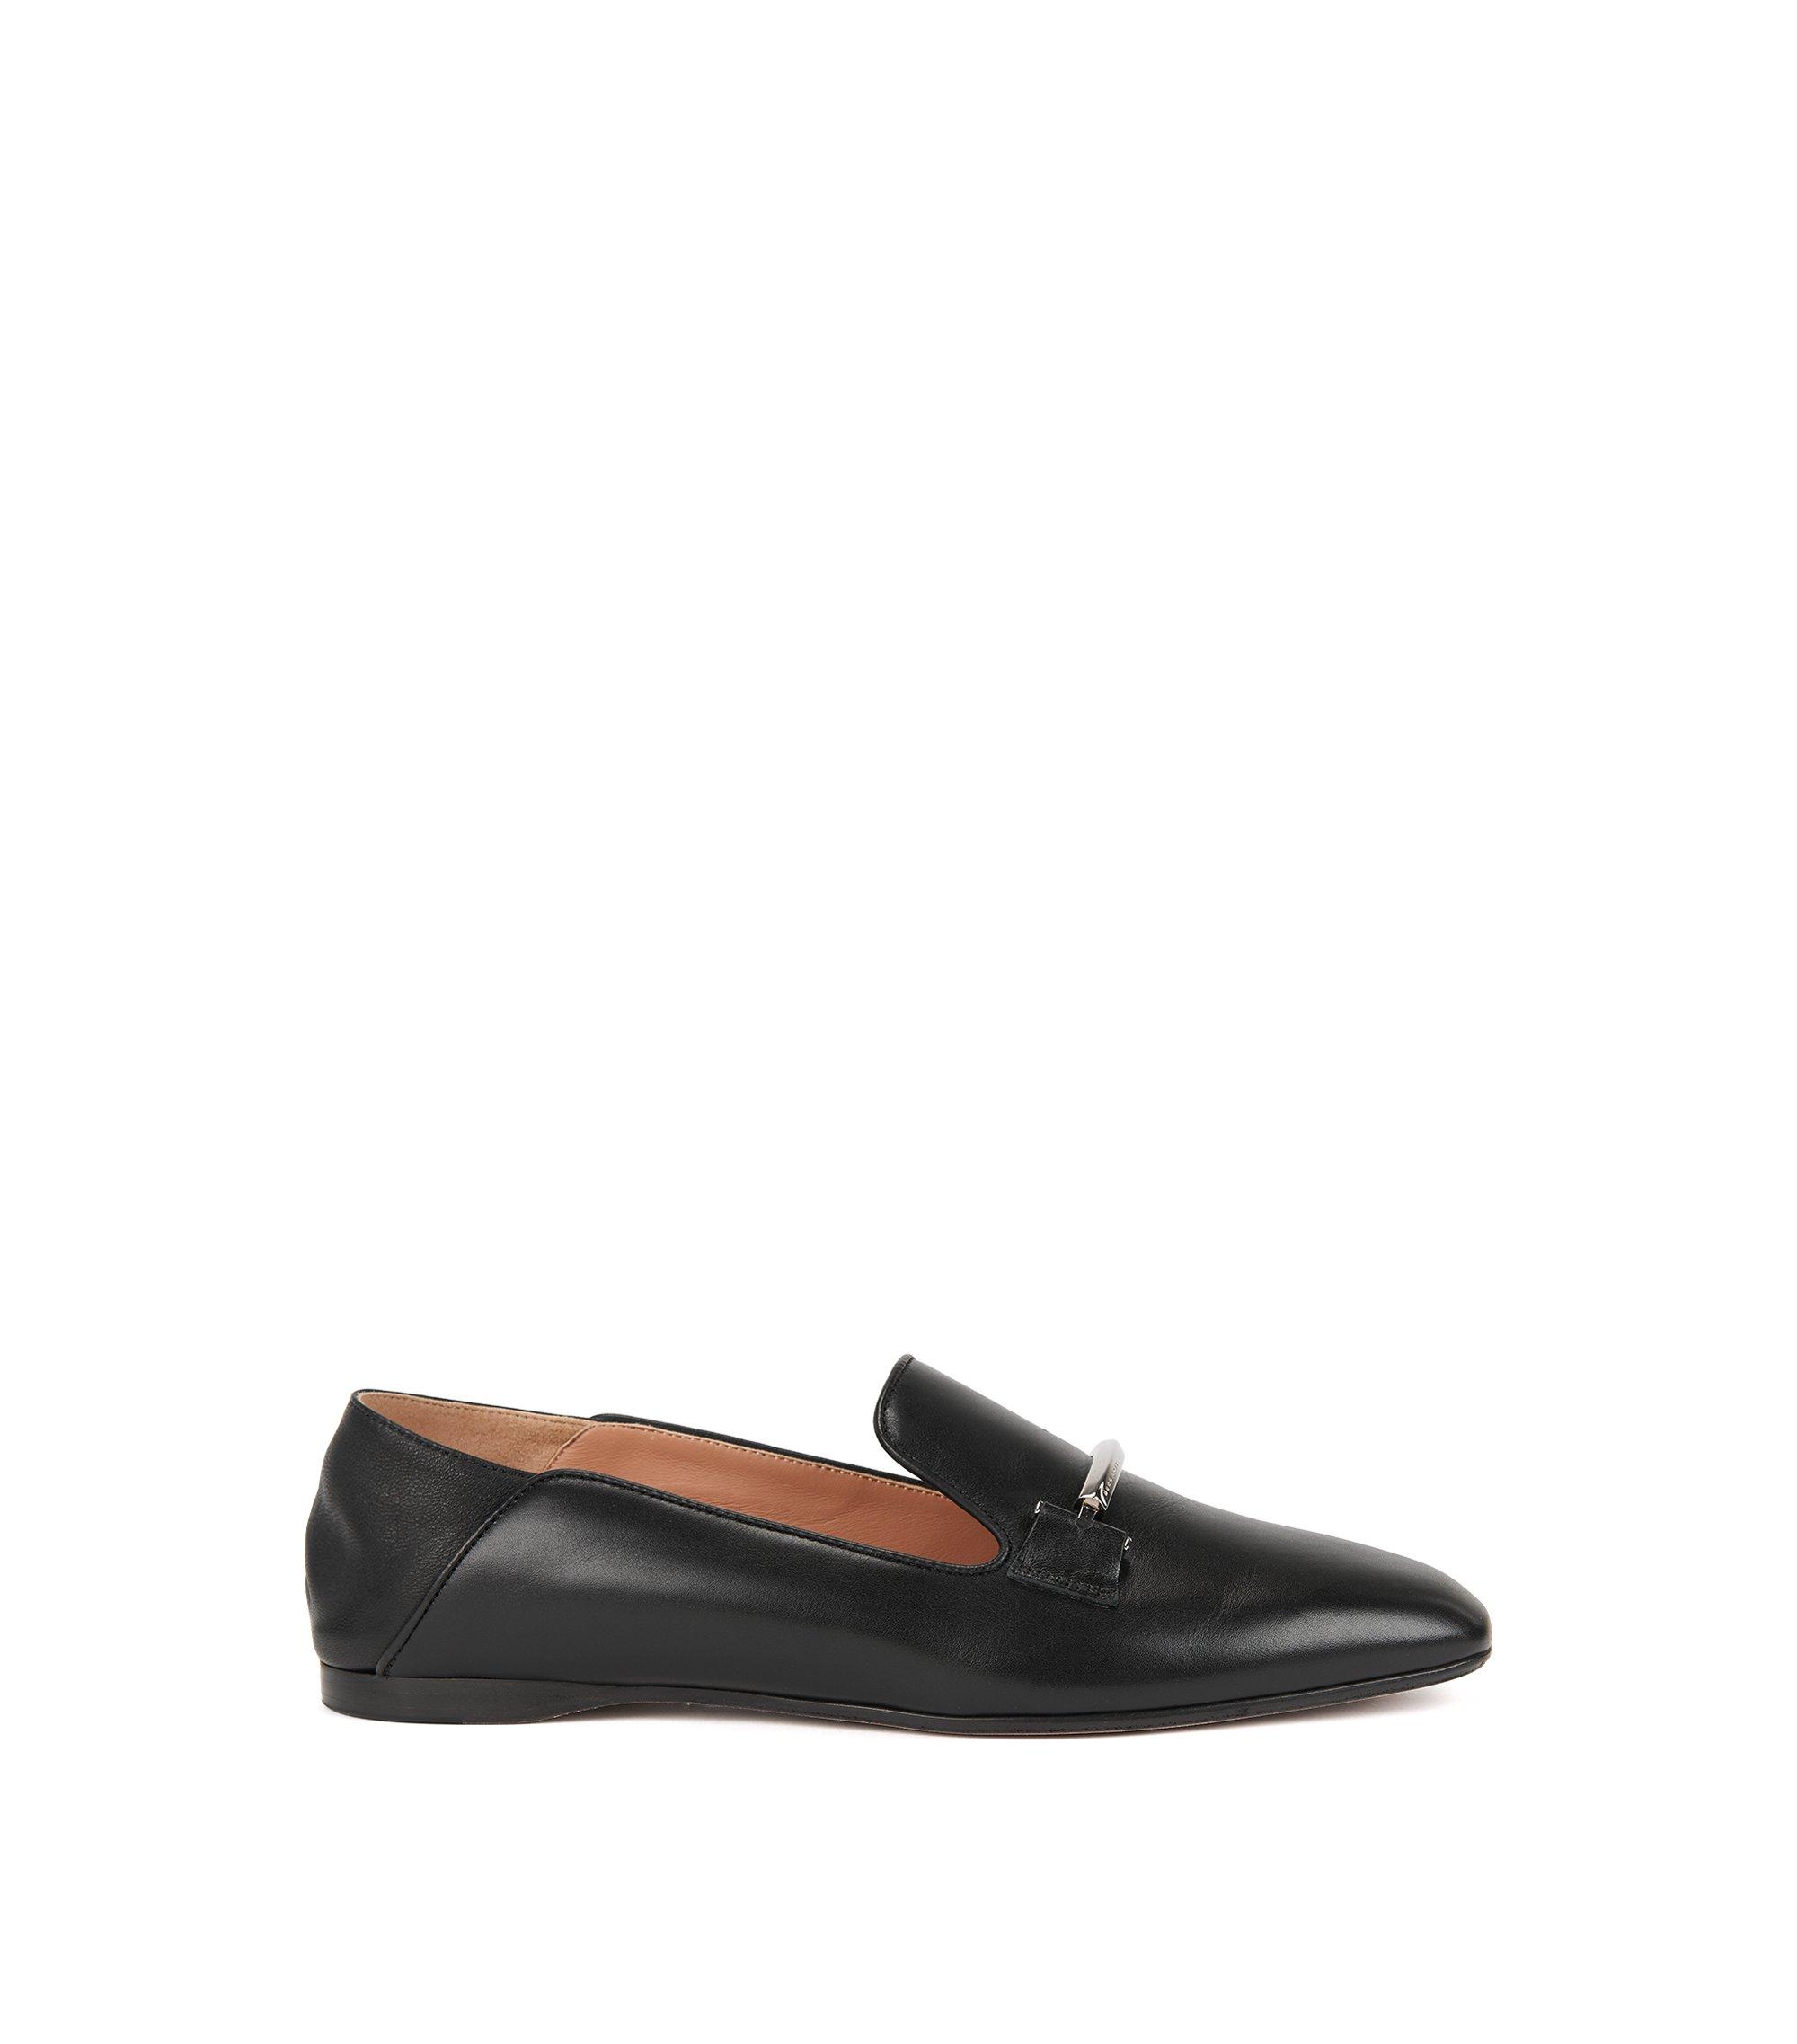 Leren loafers met neerklapbare hielkap, Zwart